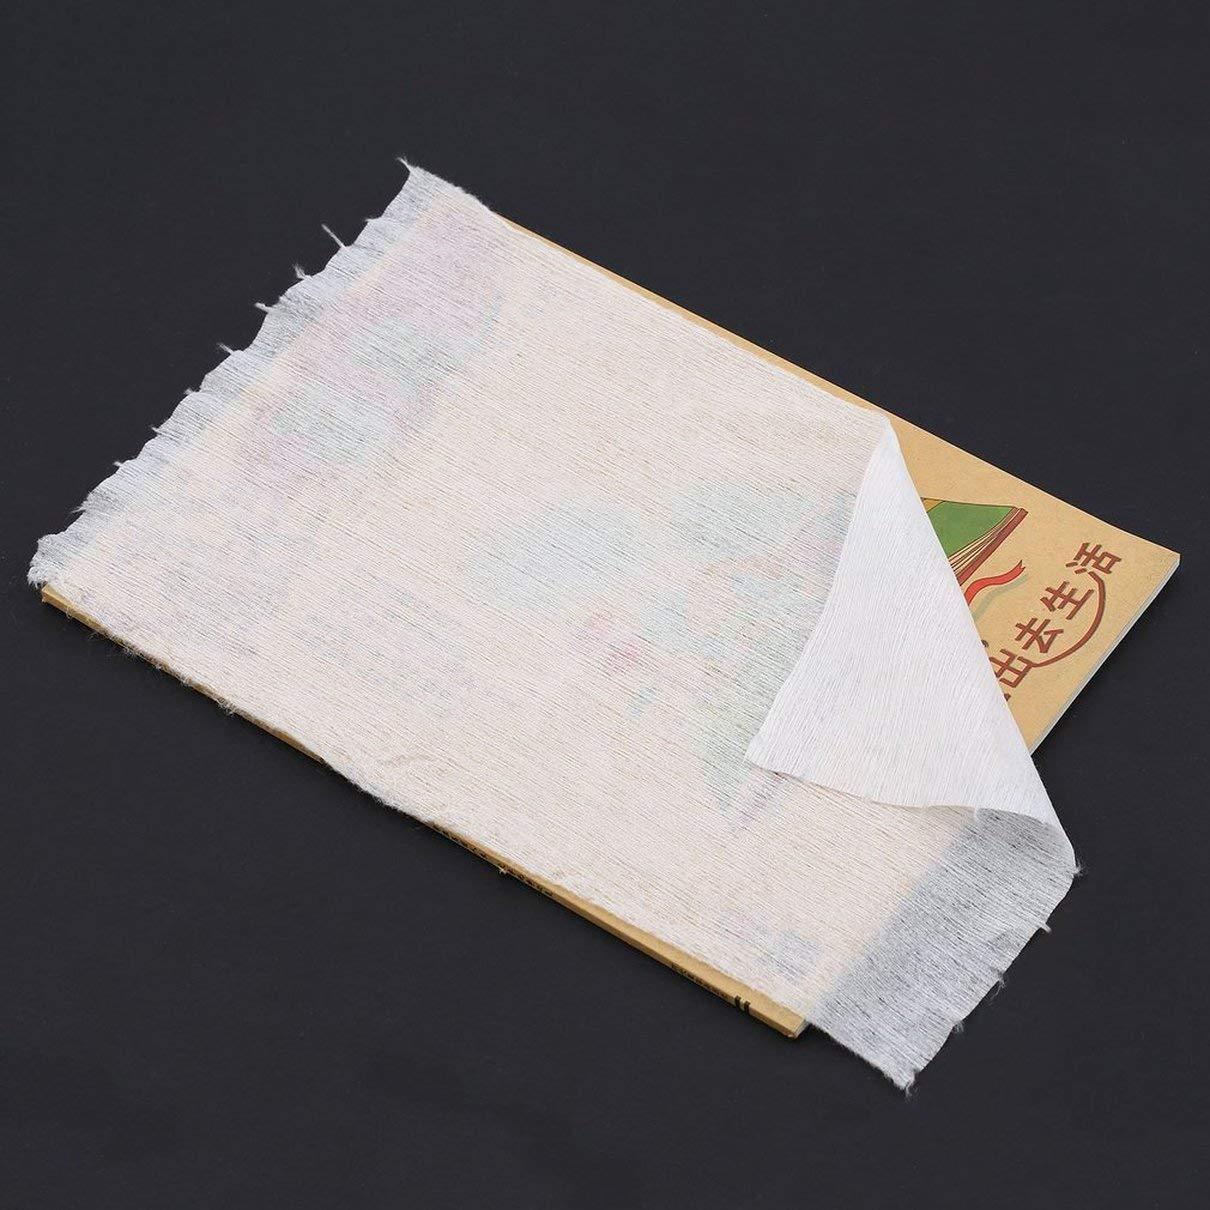 blanco Togames Baby Flushable Biodegradable Desechable Pa/ñal Pa/ñal Liners de bamb/ú 100 hojas para 1 rollo 18cmx30cm